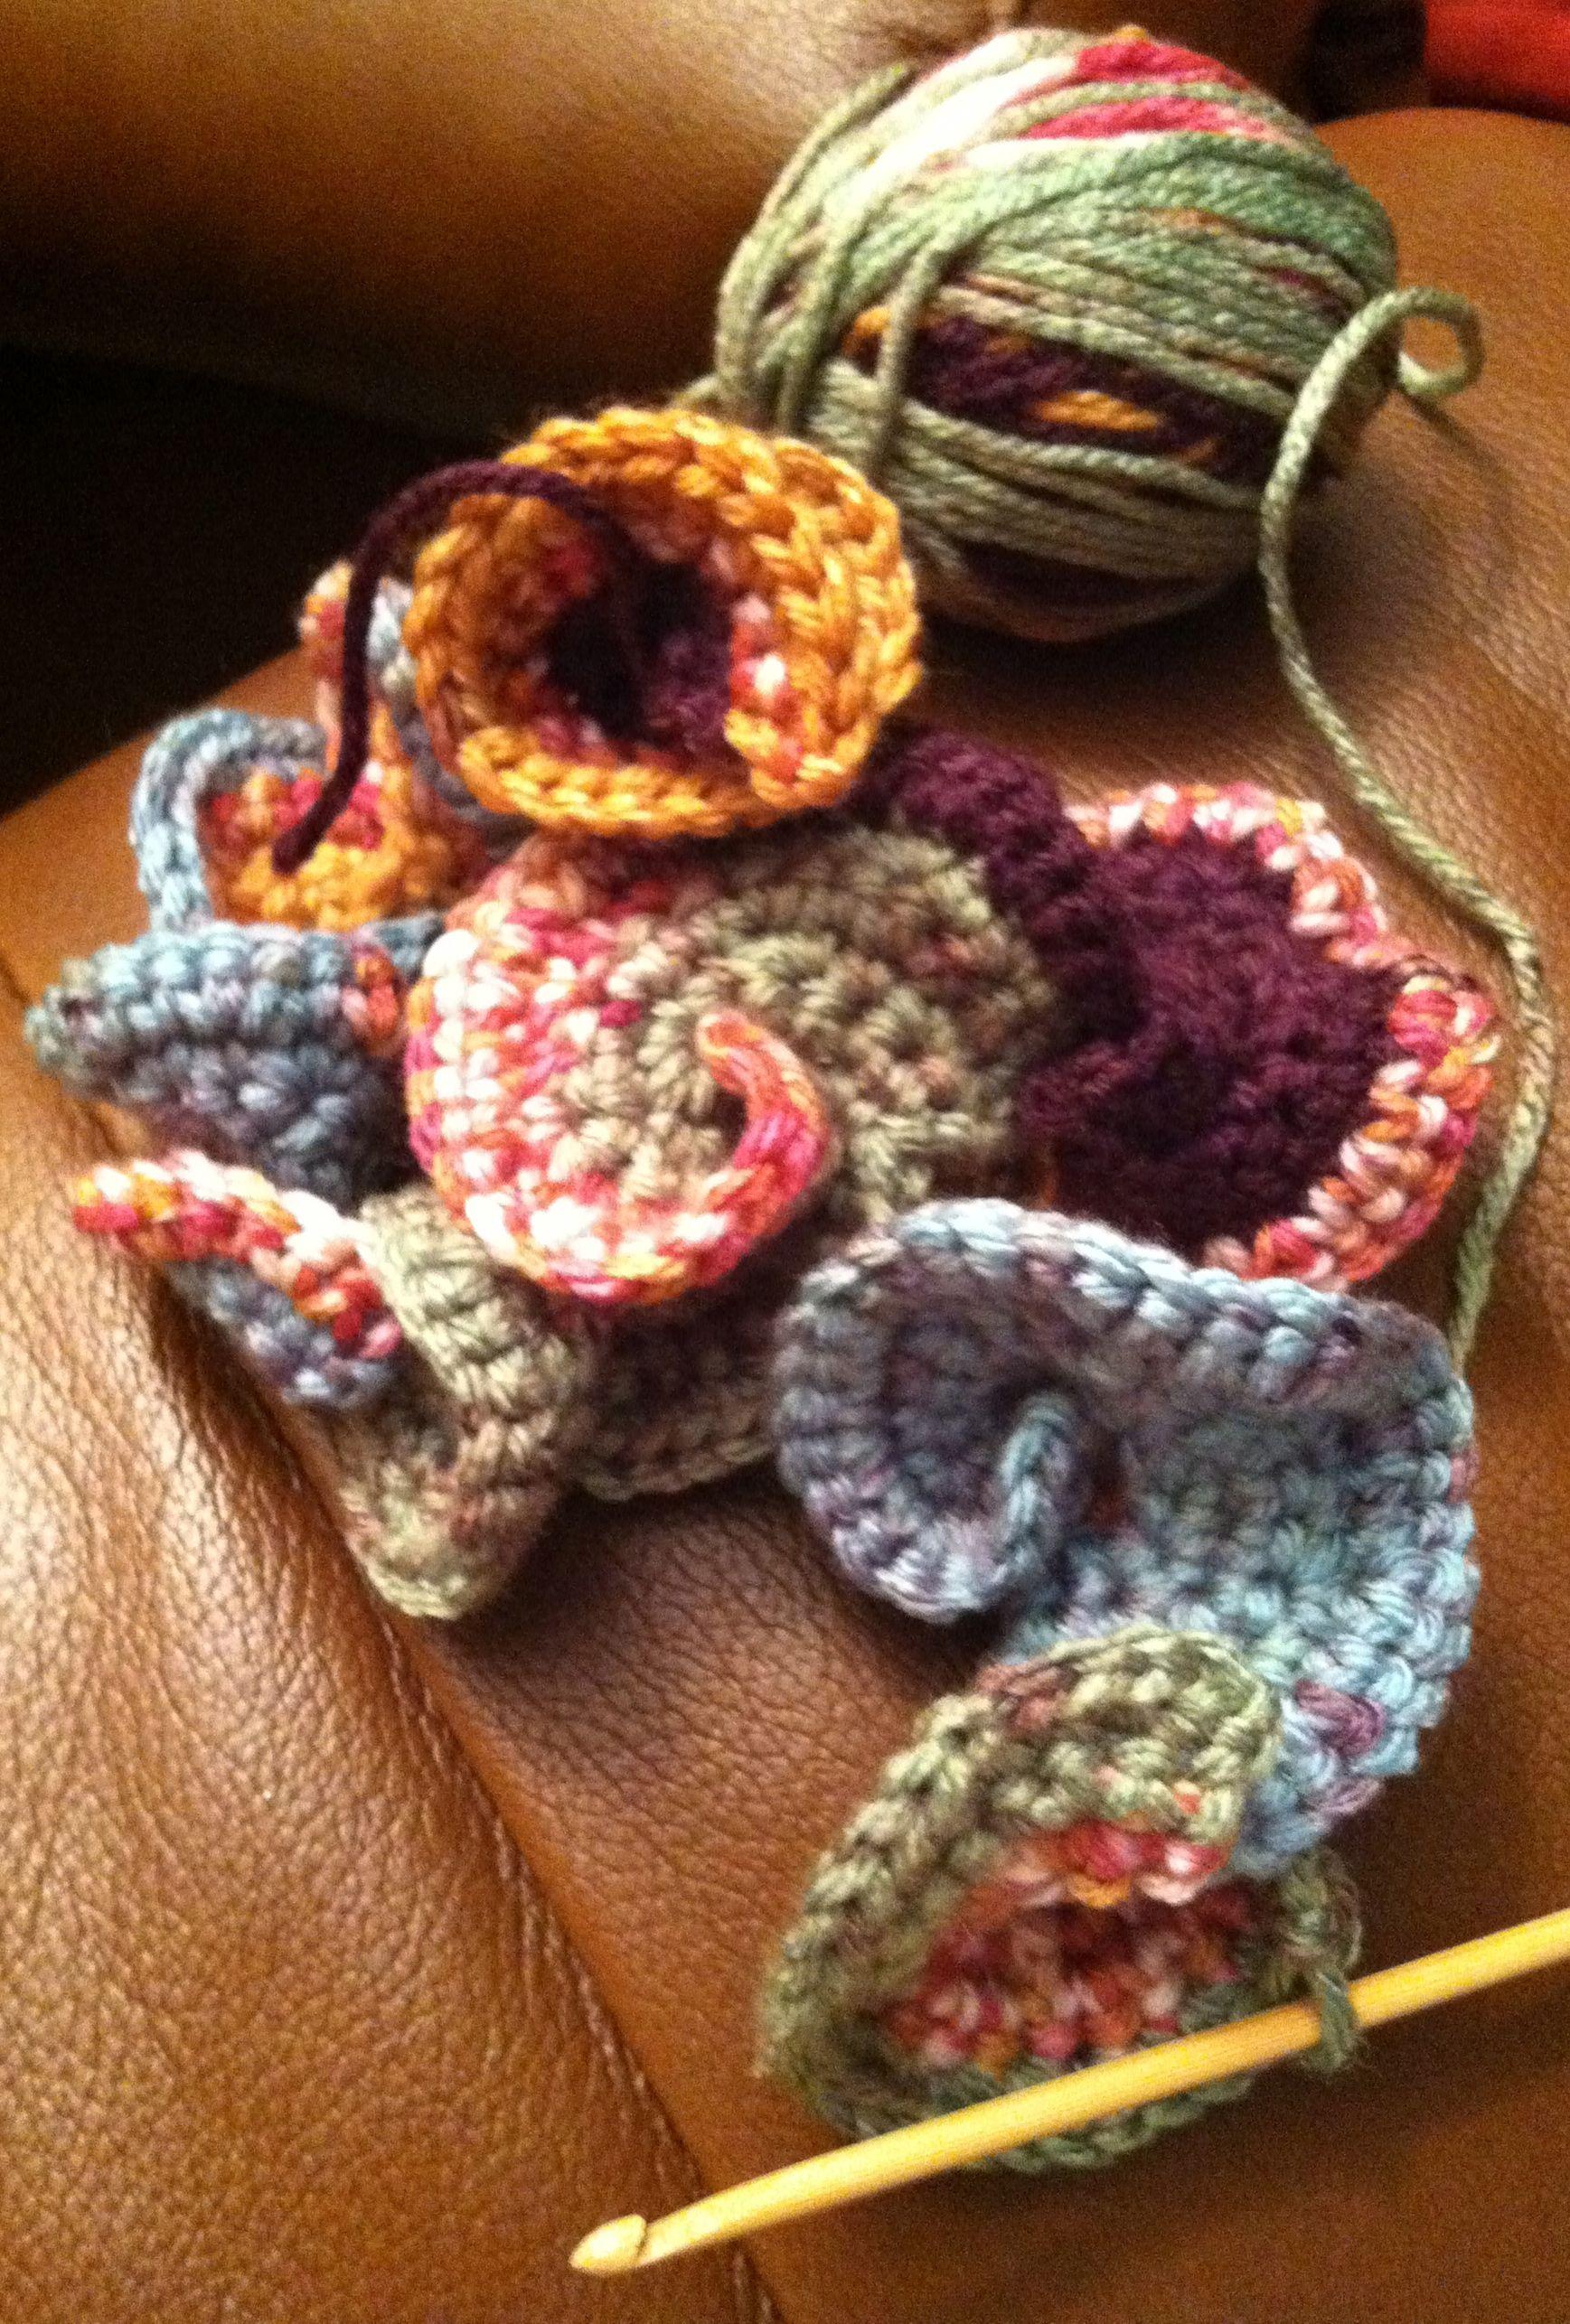 Hyperbolic Freeform Crochet Sculpture   Rose häkeln, Häkeln und Stricken